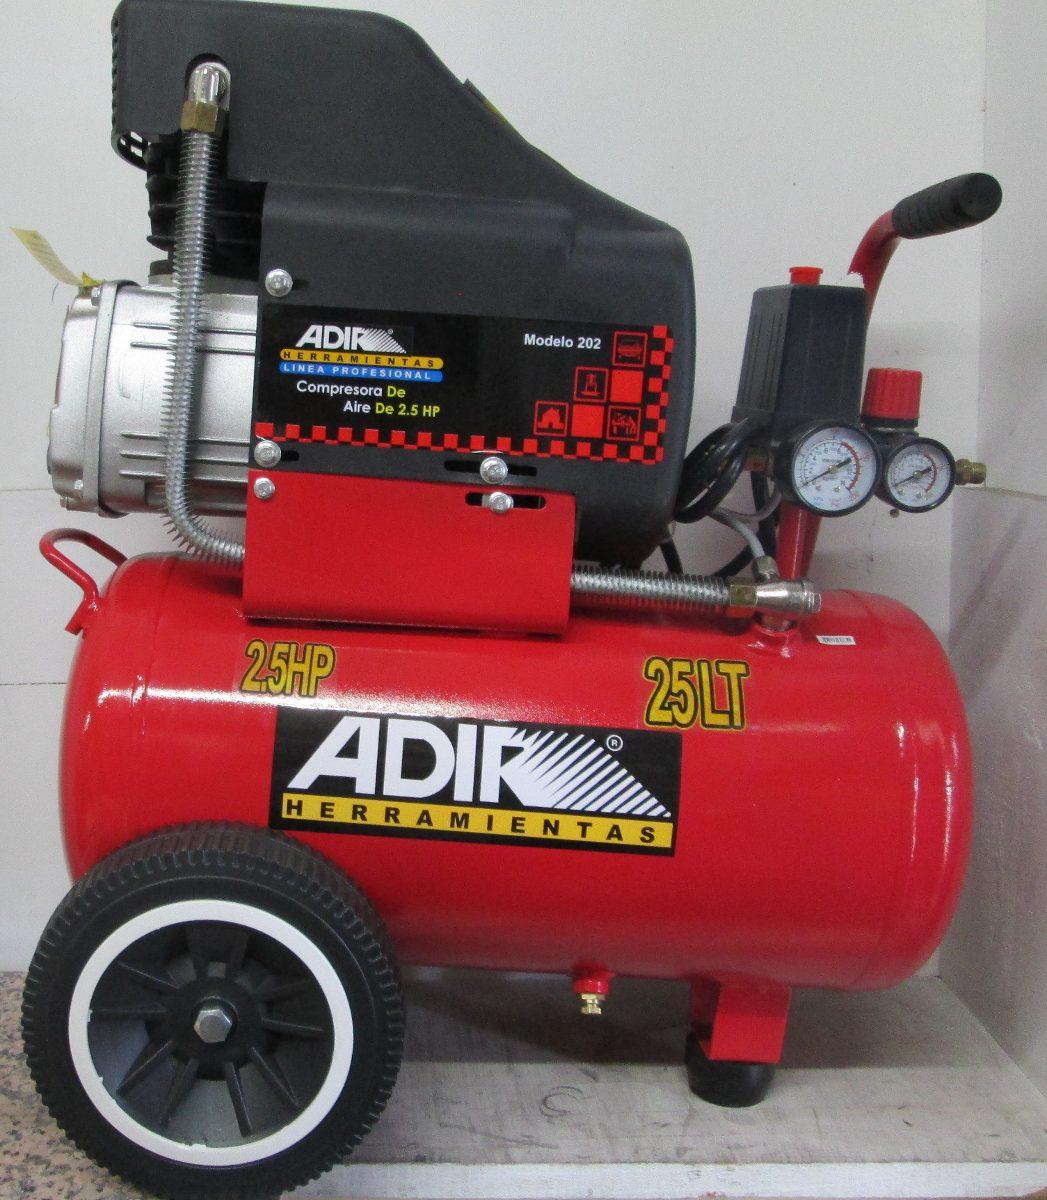 Compresor de aire con tanque de 25lts adir 202 vv4 - Compresor de aire precios ...